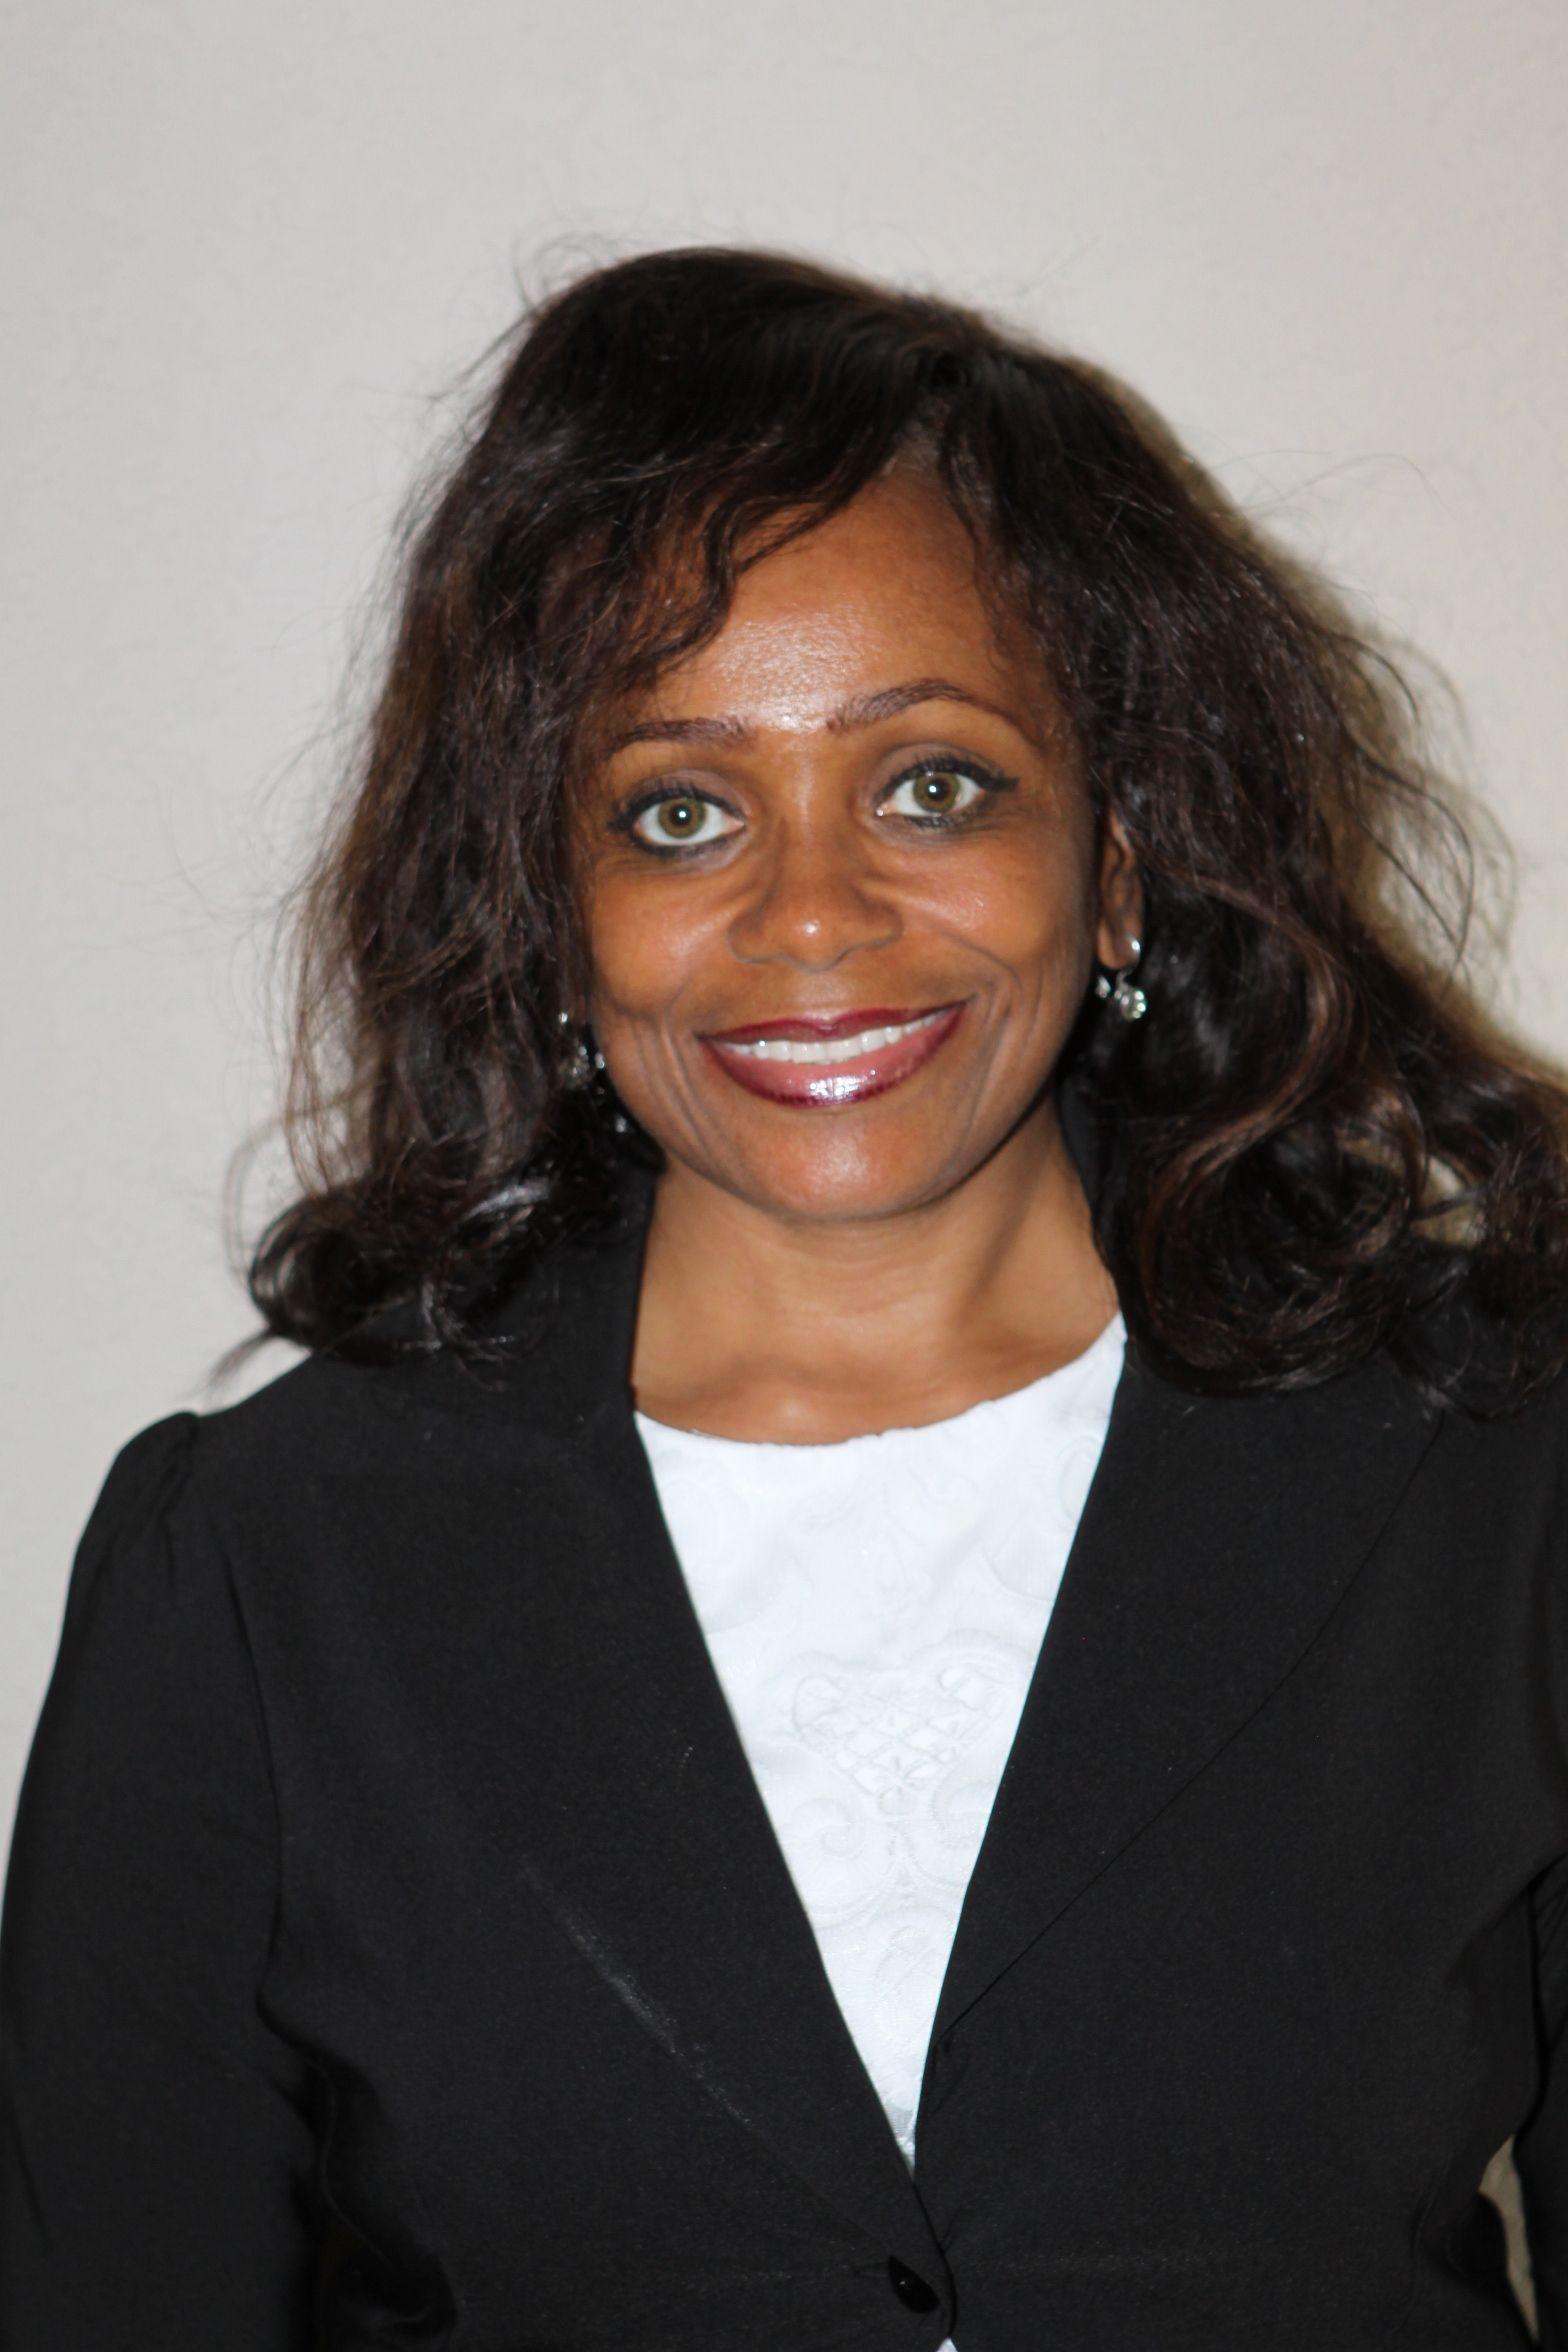 Patricia Gloria Contreras